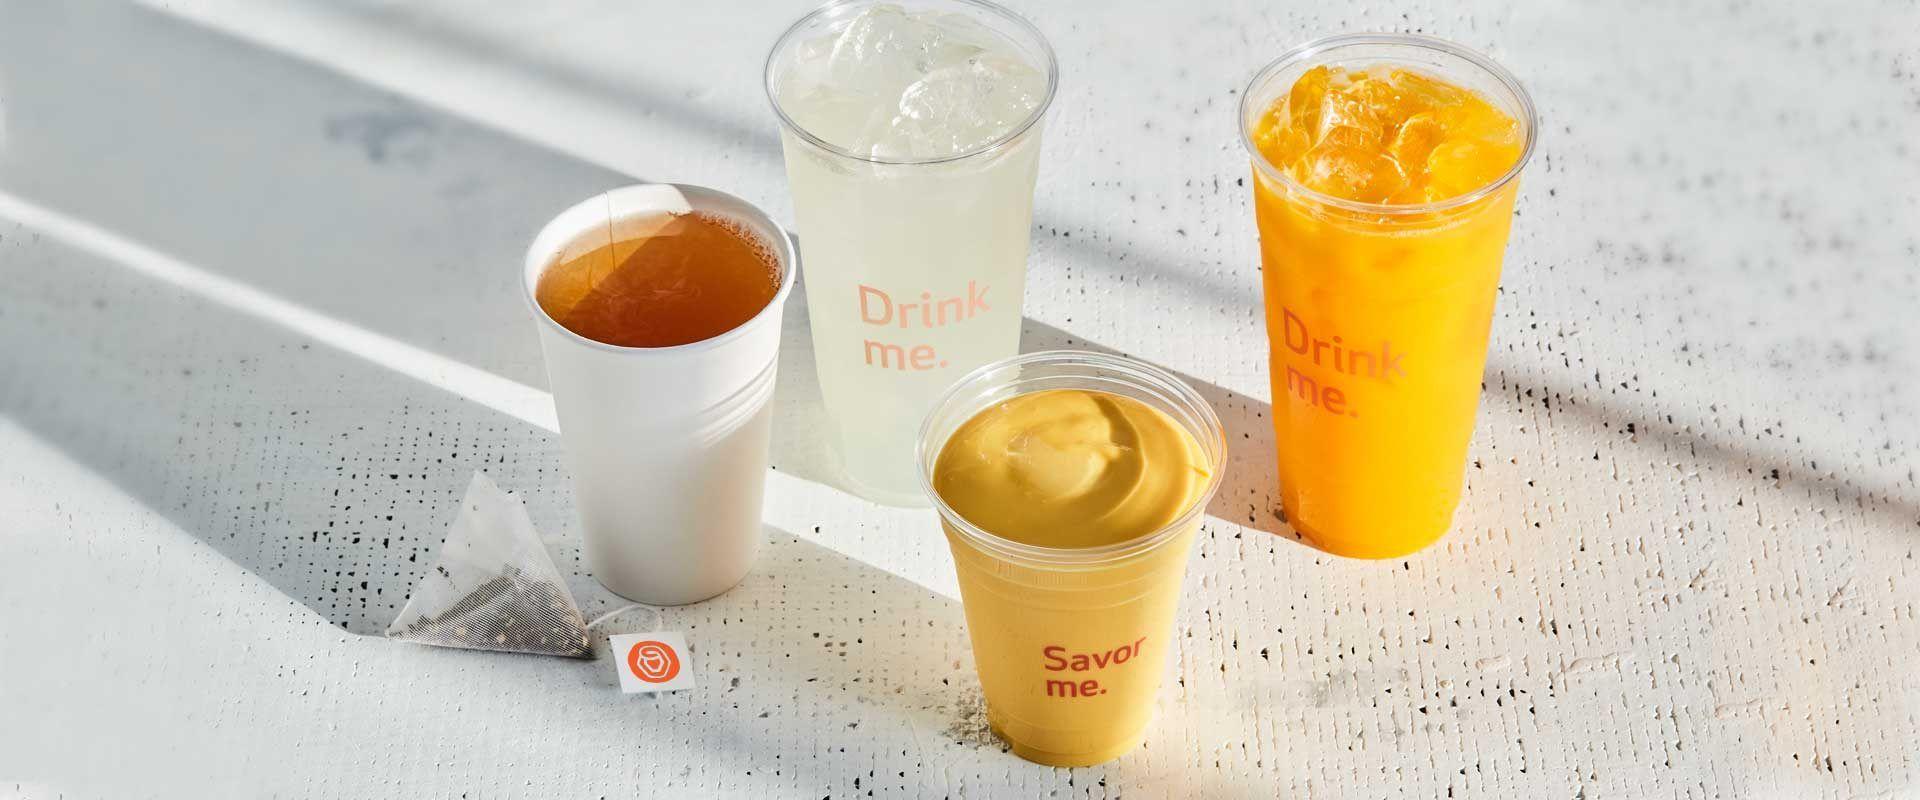 hot organic teas, mint ginger lemonade, mango lemonade and mango lassi on a table